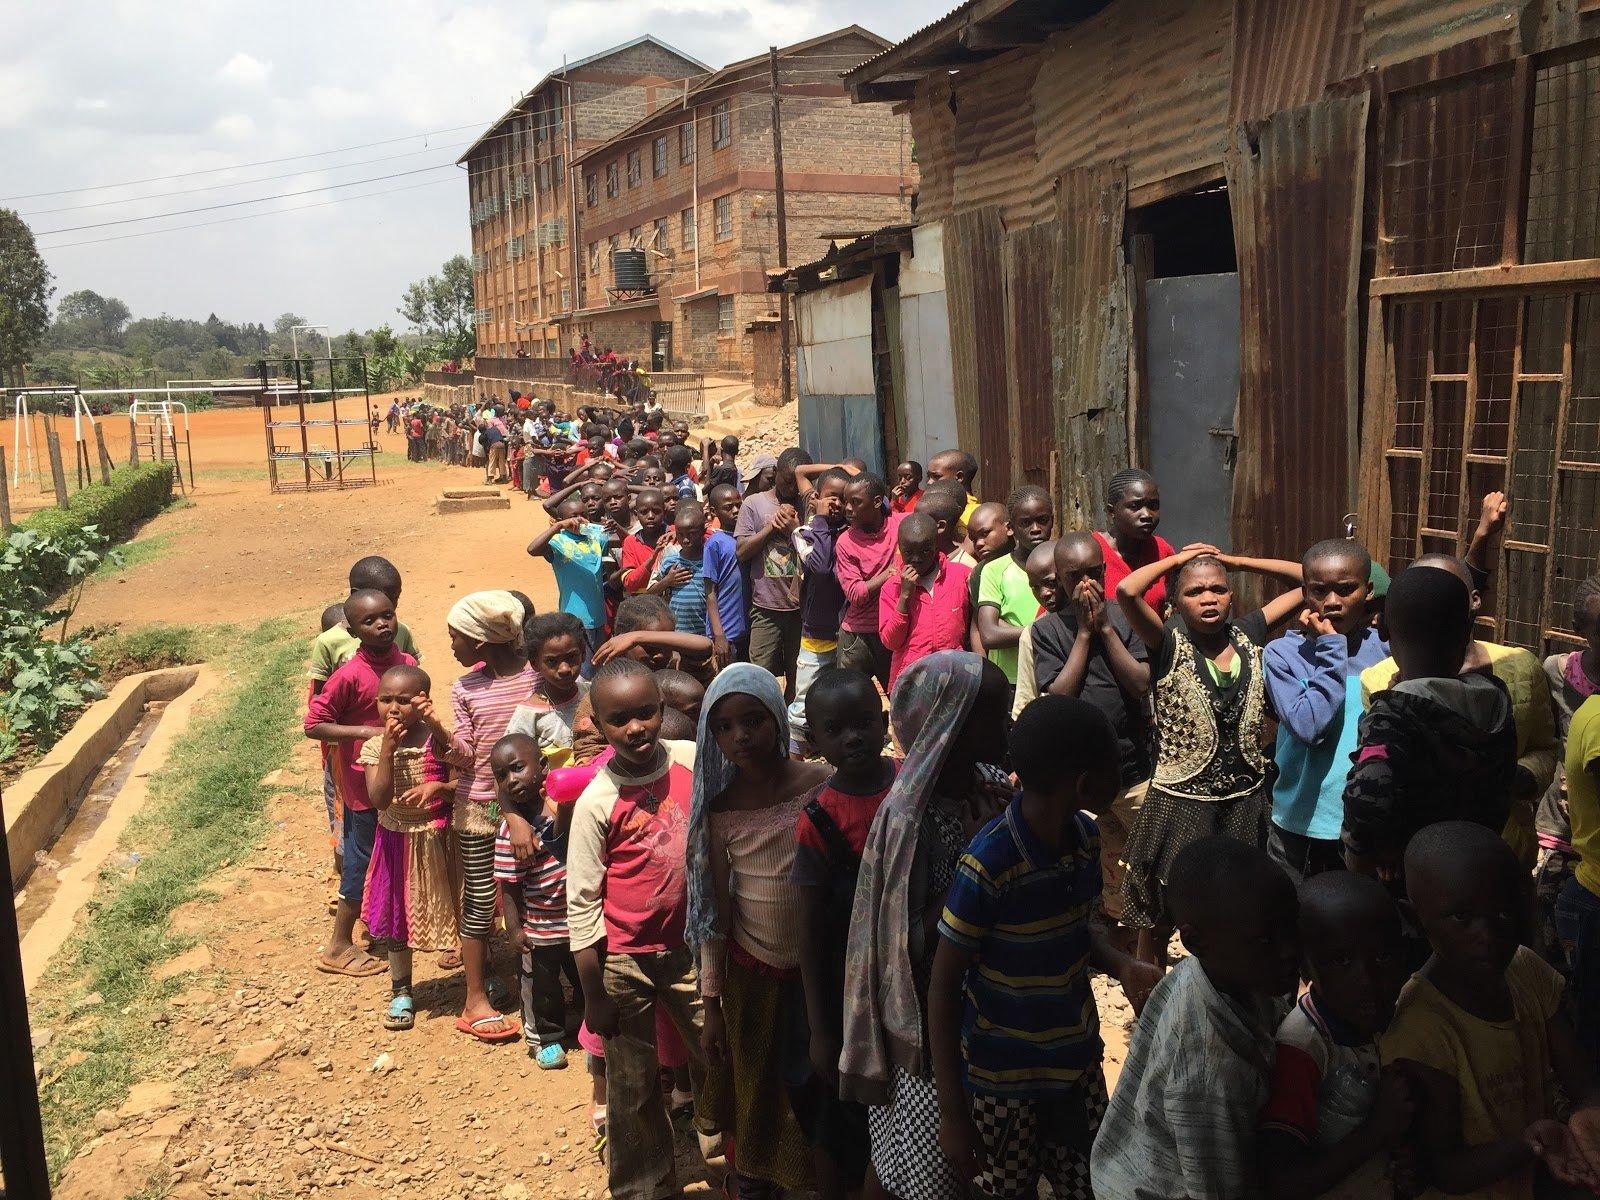 St.Martins - Kenya, Feeding Program